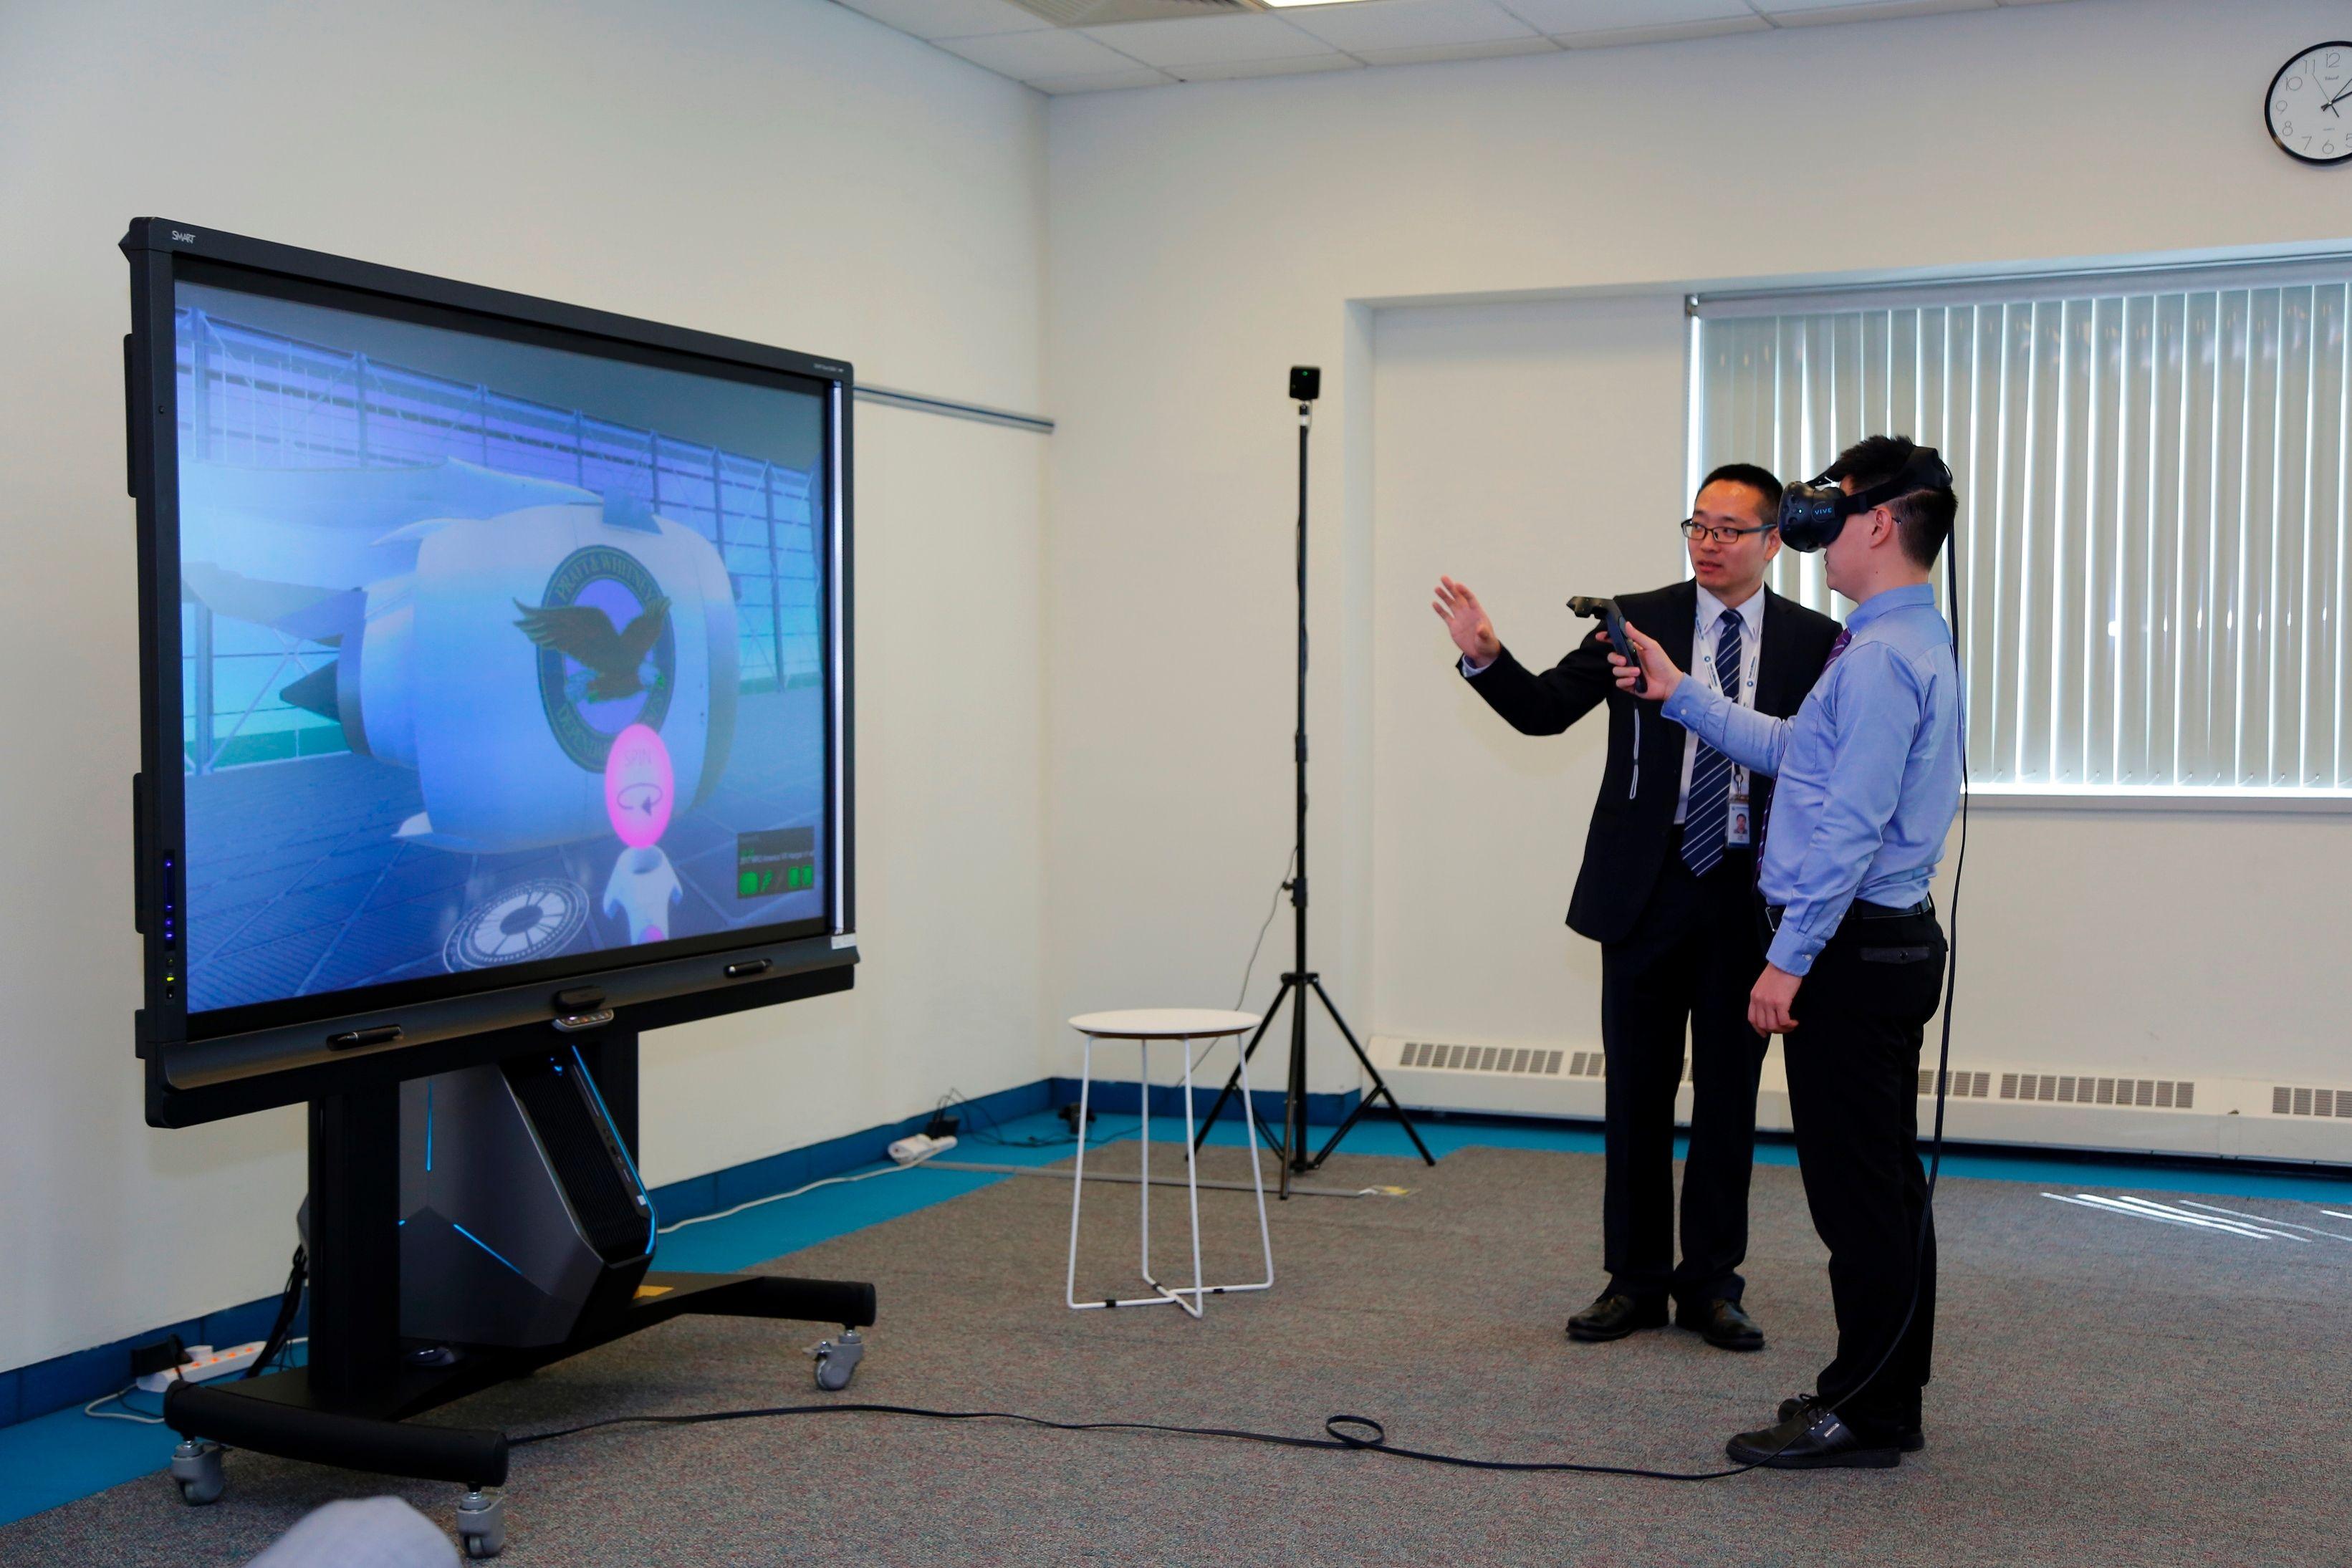 普惠中国客户培训中心的虚拟现实培训